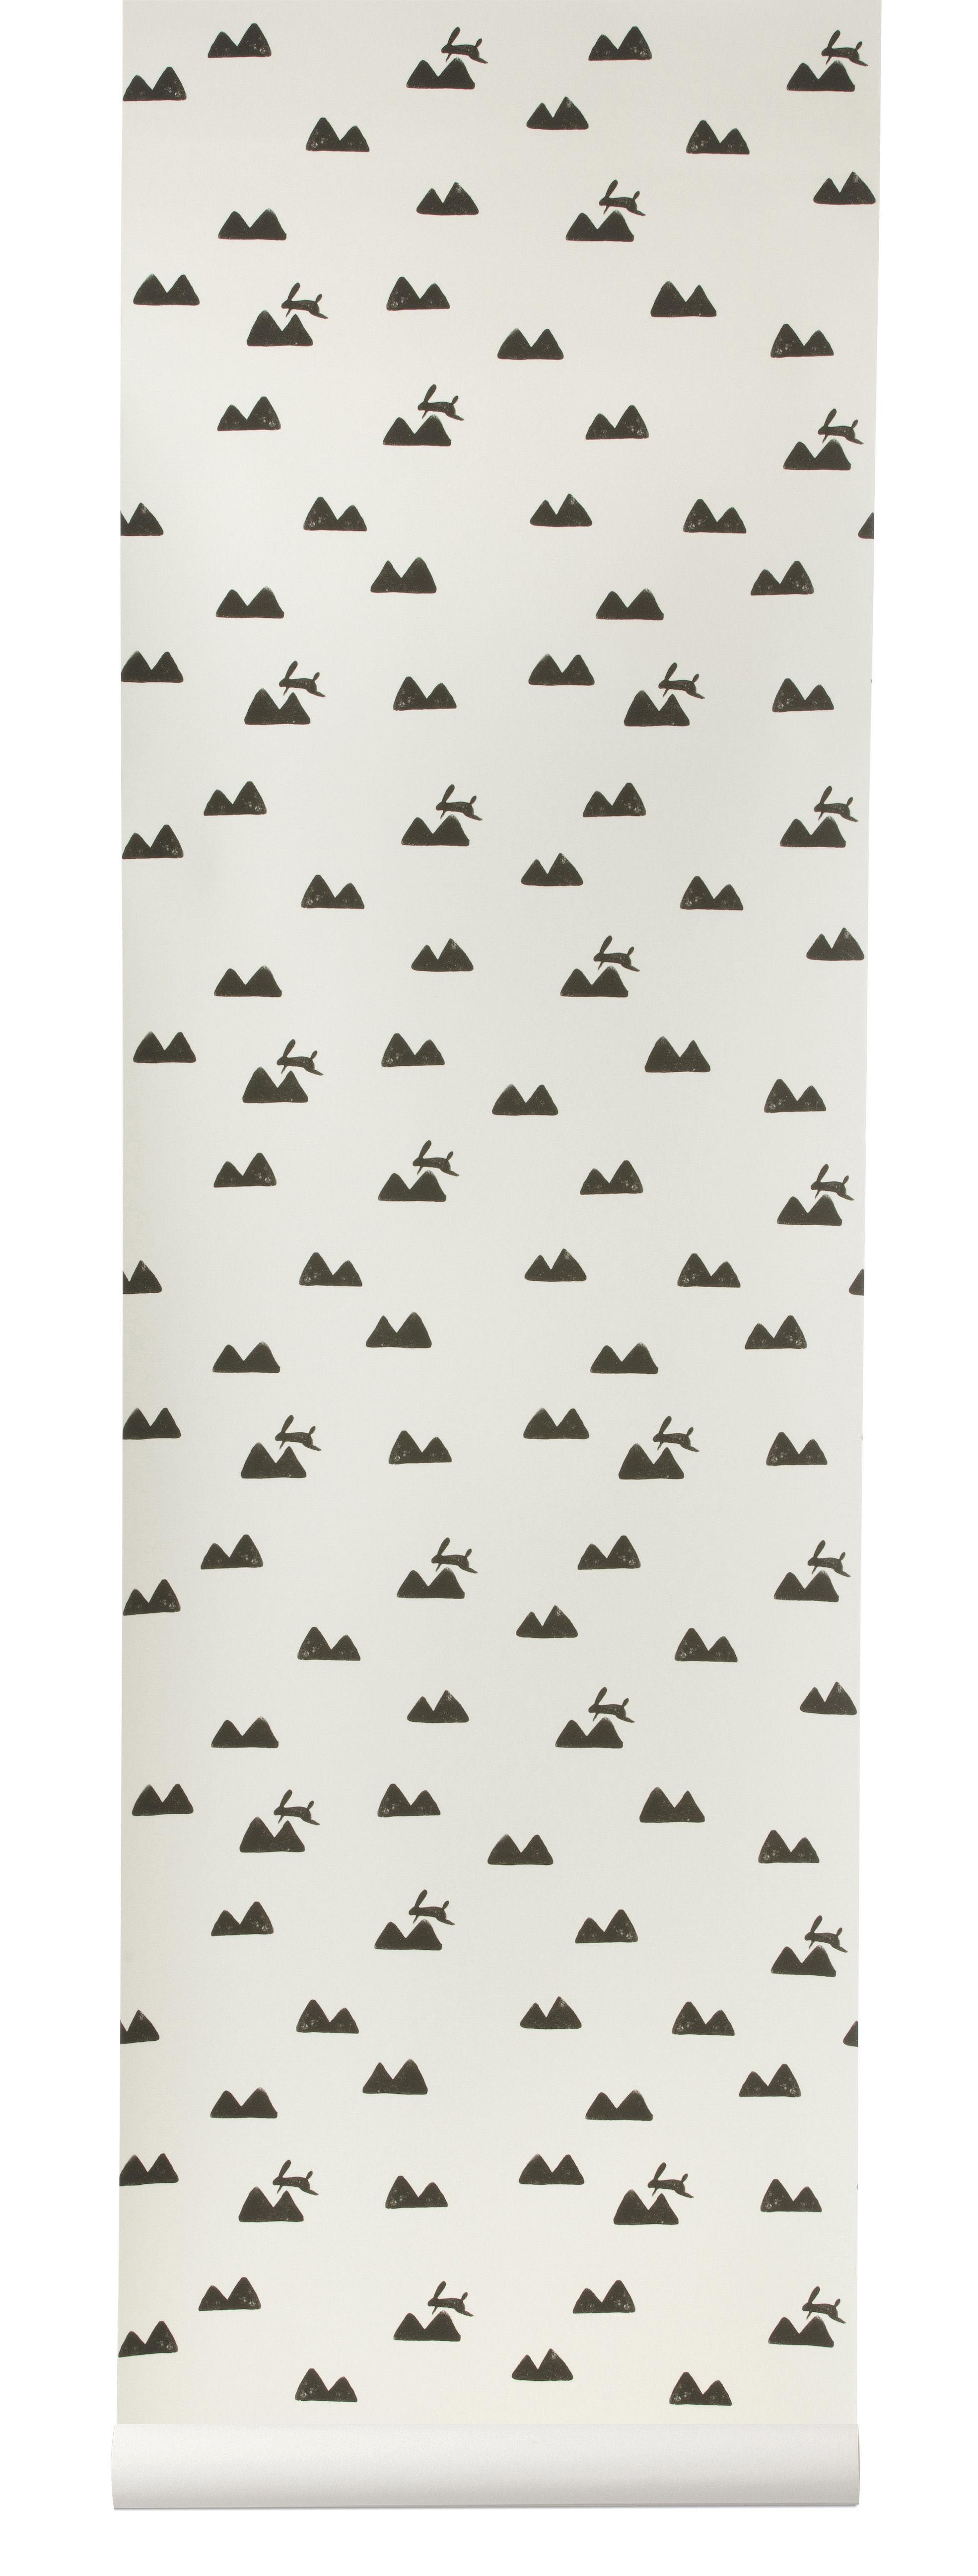 Déco - Pour les enfants - Papier peint Rabbit / 1 rouleau - Larg 53 cm - Ferm Living - Blanc cassé / Noir - Toile intissée